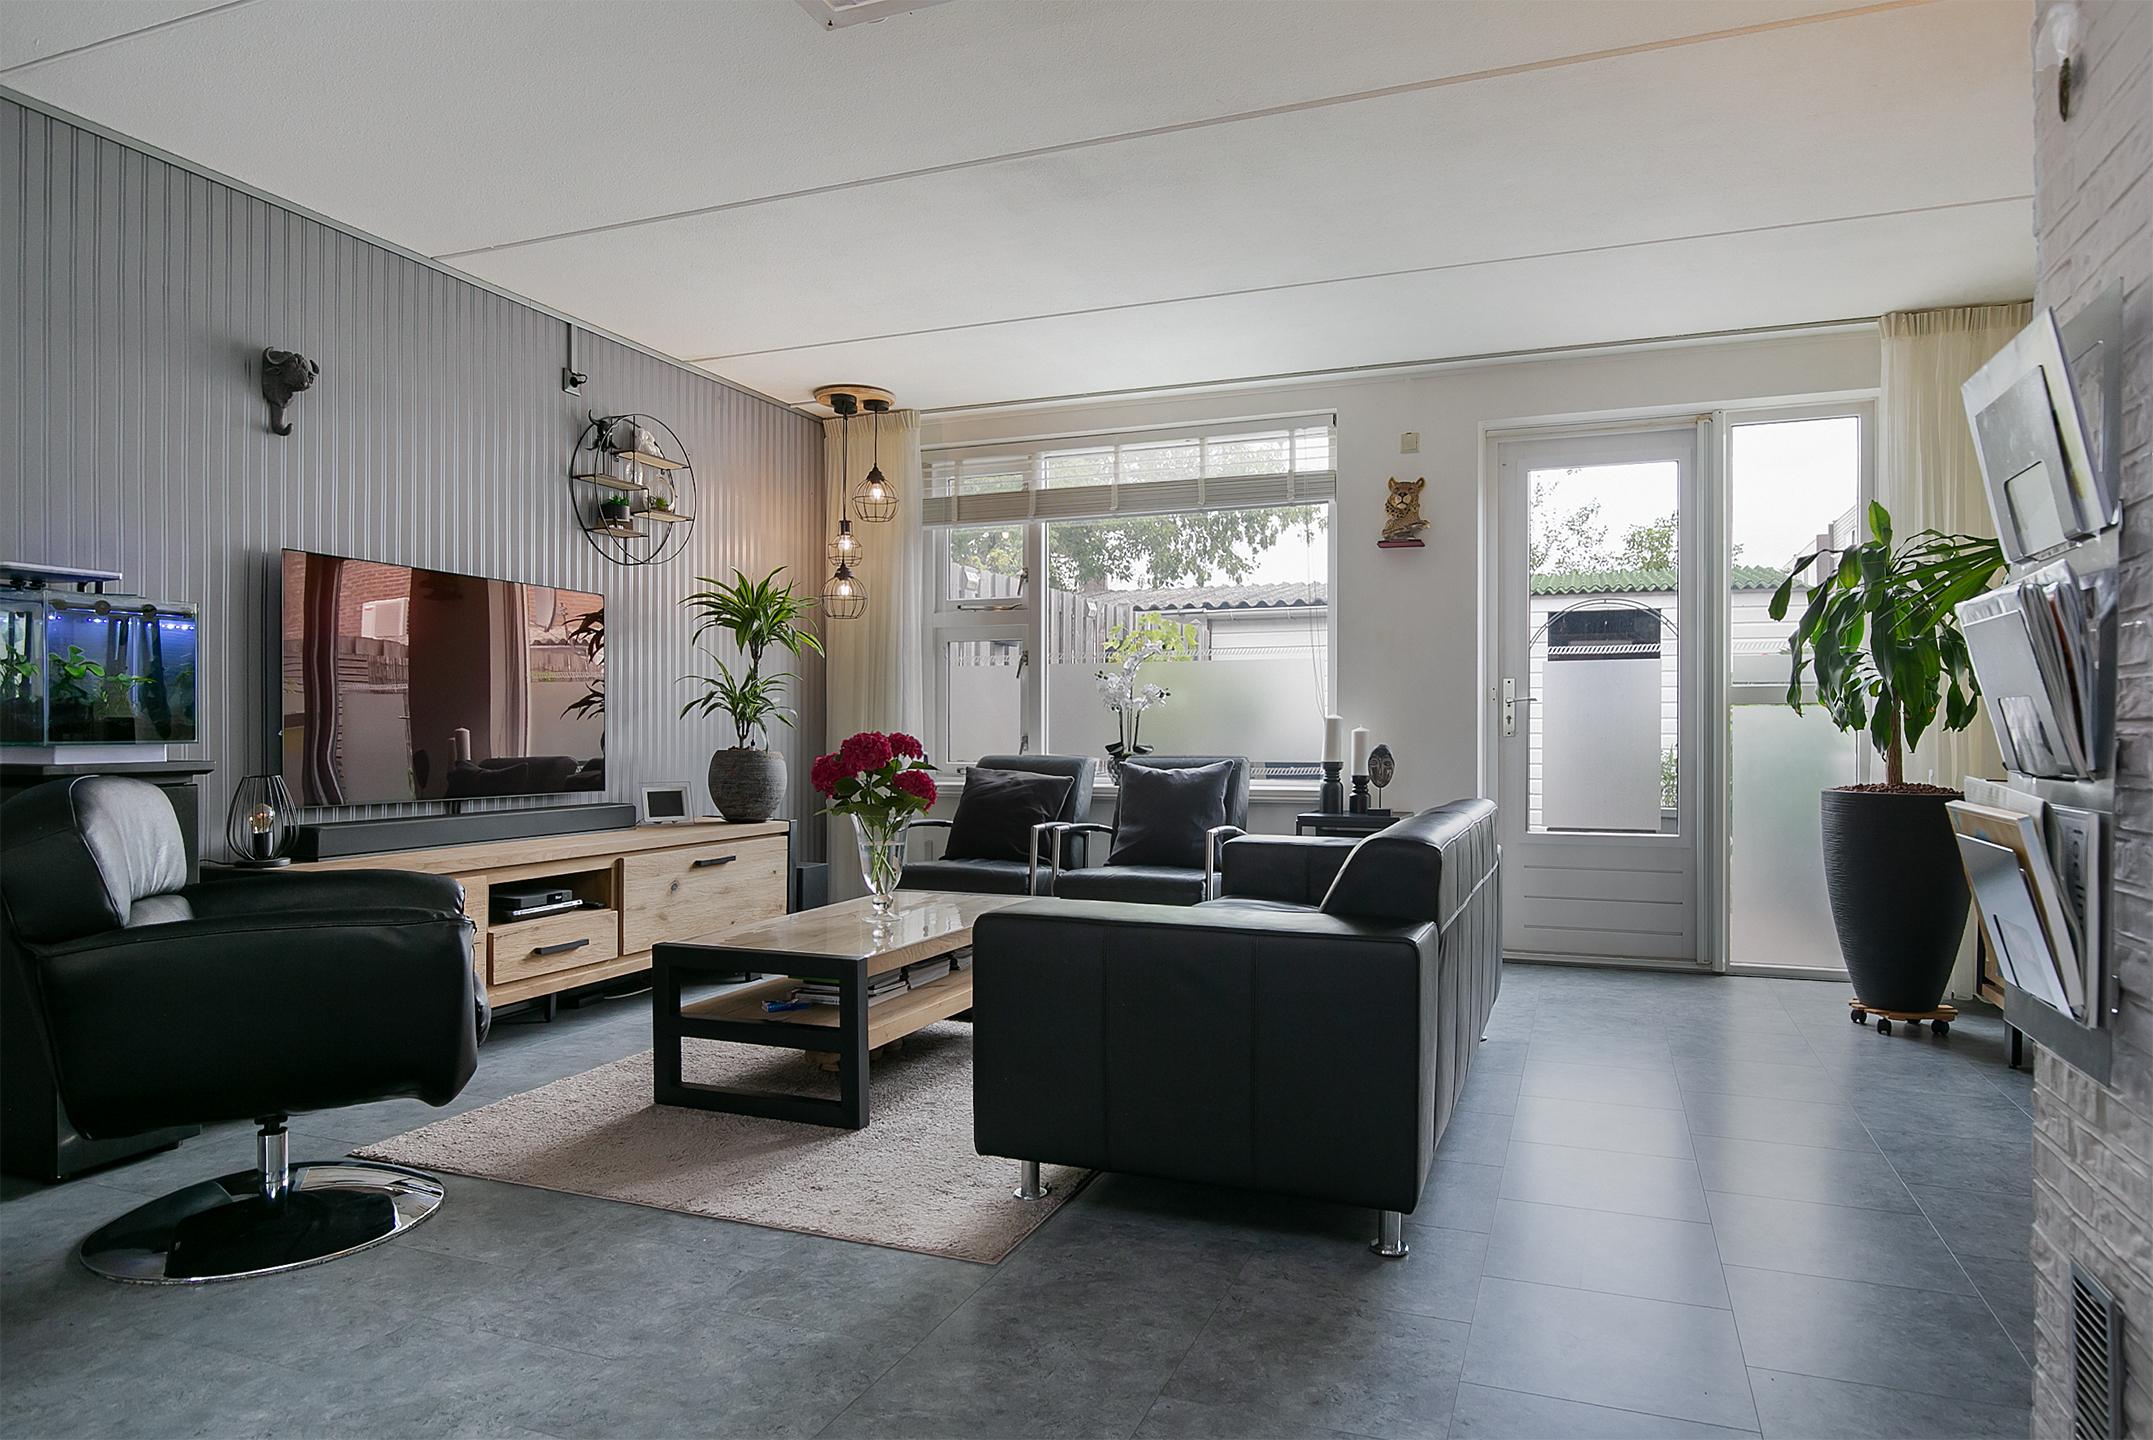 Ruime, goed onderhouden eengezinswoning met drie slaapkamers. Leuk gelegen in de gewilde, kindvriendelijke Ambachtenbuurt in Alphen a/d Rijn